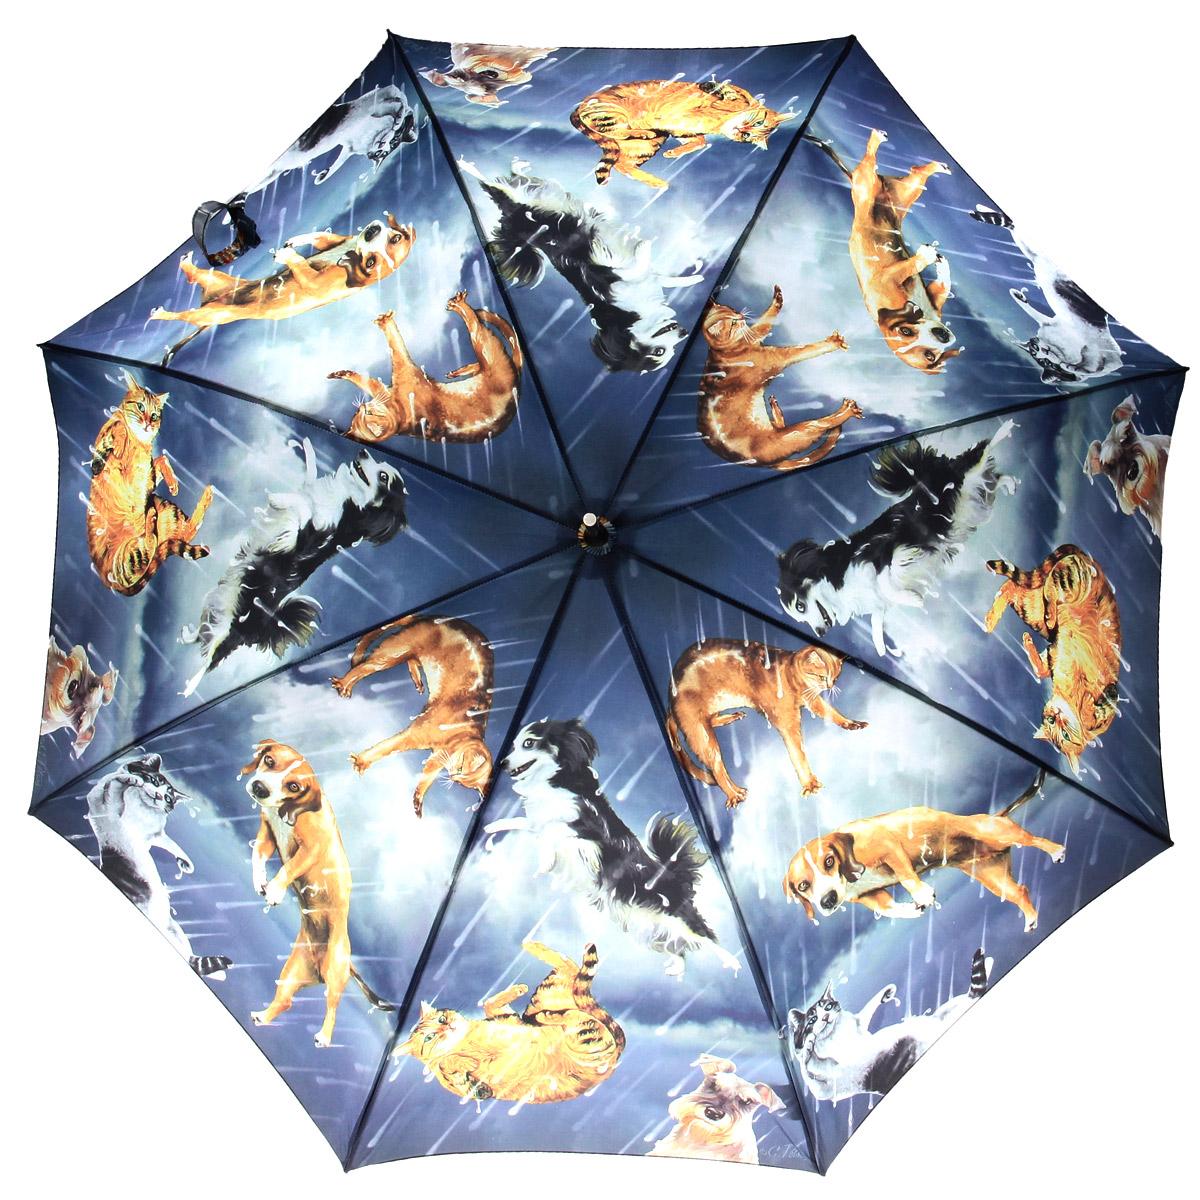 Зонт-трость Flioraj Коты и собачки, полуавтомат, синий, оранжевый001-12 FJЭлегантный полуавтоматический зонт-трость Flioraj Коты и собачки даже в ненастную погоду позволит вам подчеркнуть свою индивидуальность. Каркас зонта из анодированной стали состоит из восьми карбоновых спиц, а рукоятка закругленной формы разработана с учетом требований эргономики и покрыта искусственной кожей. Зонт снабжен системой Антиветер. Зонт имеет полуавтоматический механизм сложения: купол открывается нажатием кнопки на рукоятке, а закрывается вручную до характерного щелчка. Купол зонта выполнен из прочного полиэстера с тефлоновой пропиткой и оформлен оригинальным изображением кошек и собак. Закрытый купол фиксируется хлястиком на липучке. Такой зонт не только надежно защитит вас от дождя, но и станет стильным аксессуаром.